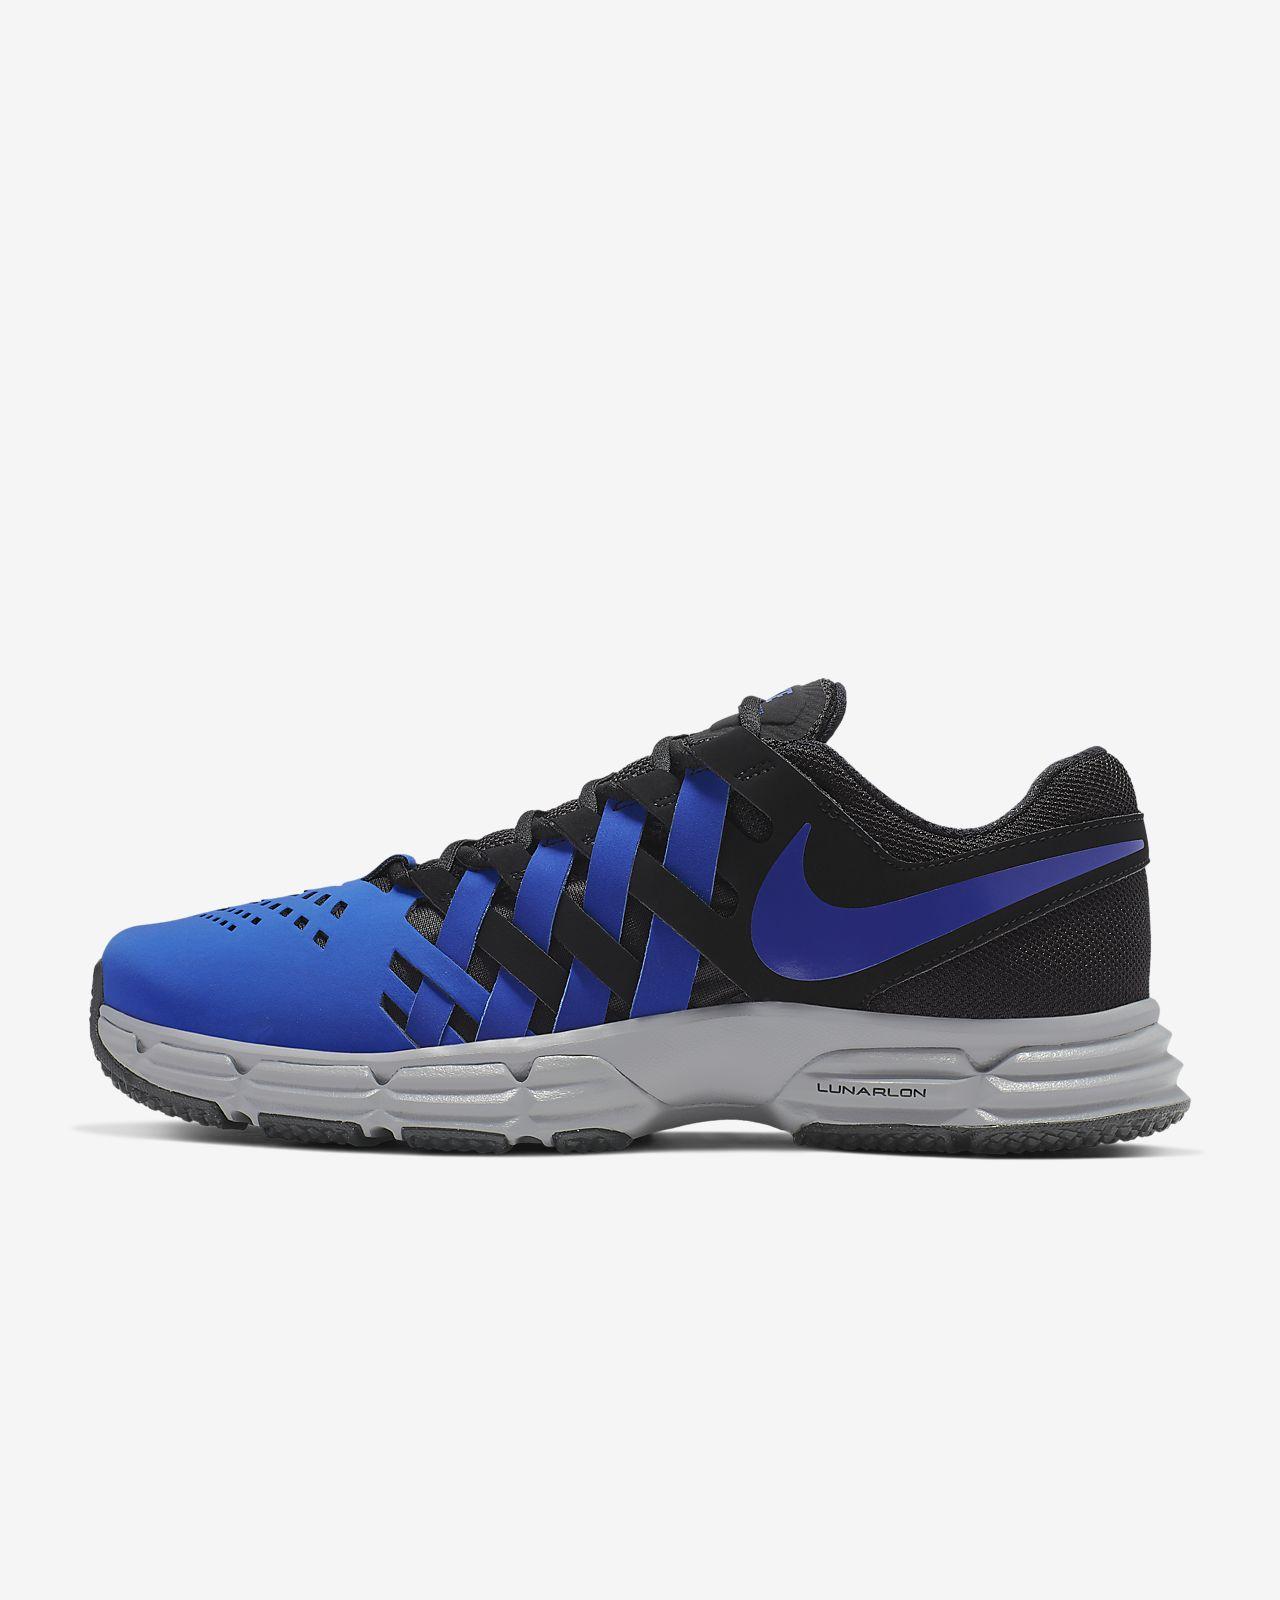 07a0ec74 Nike Lunar Fingertrap TR Men's Gym/Gameday Shoe. Nike.com